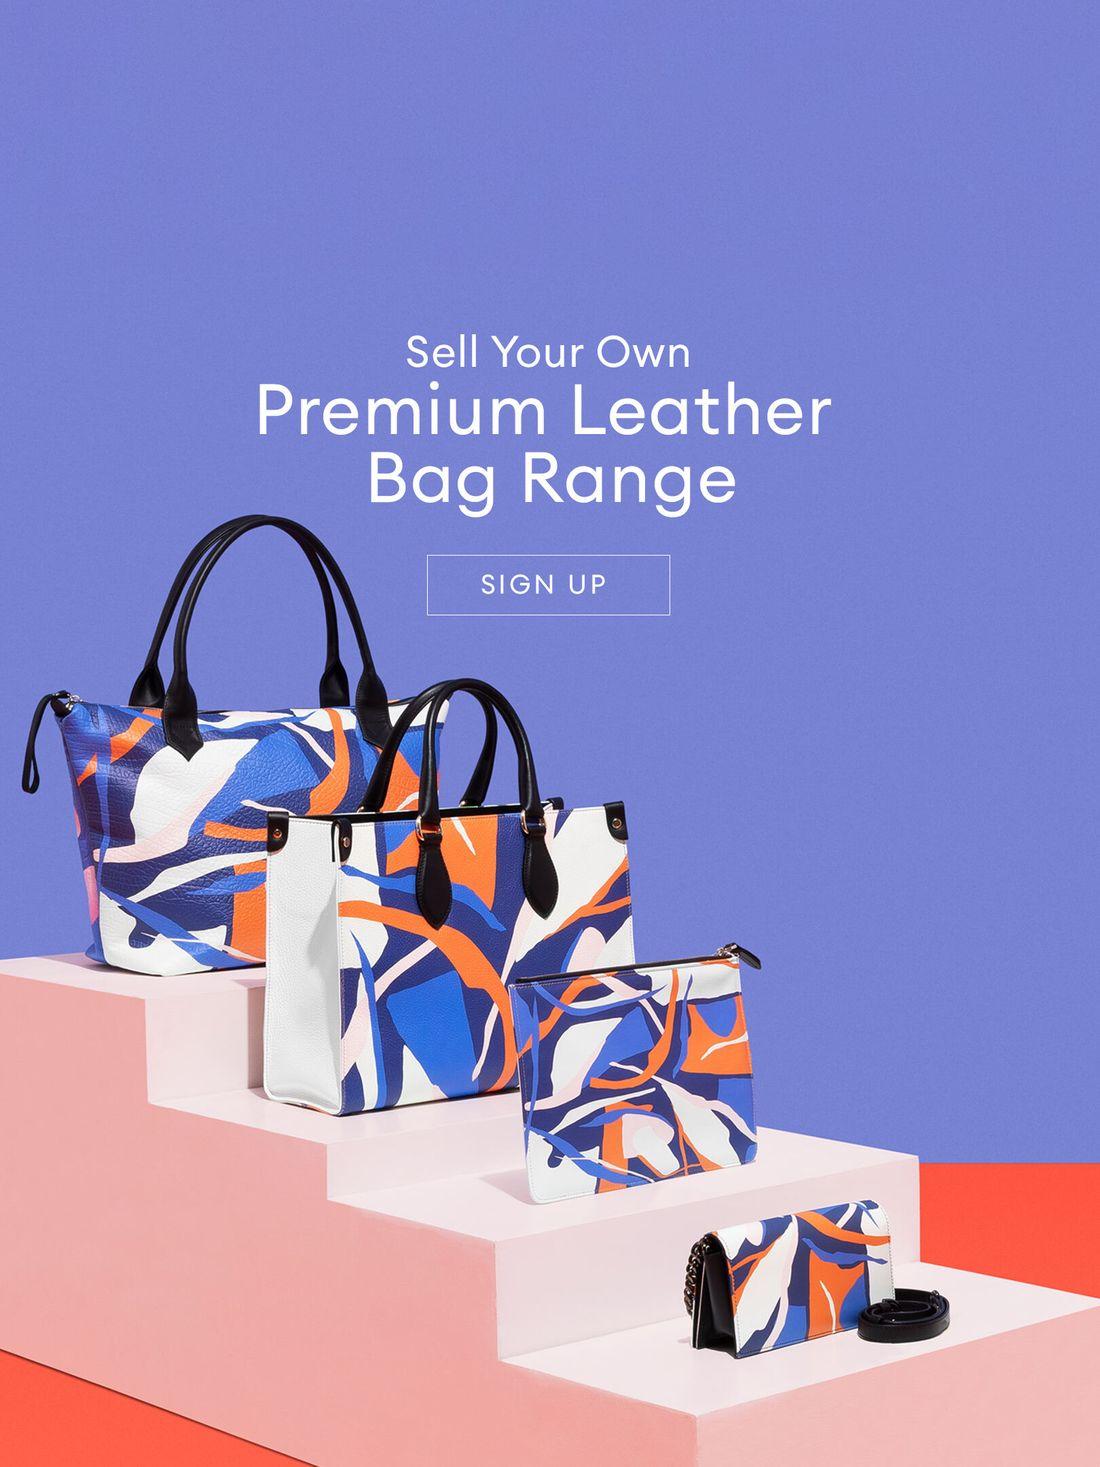 Premium Leather Bags